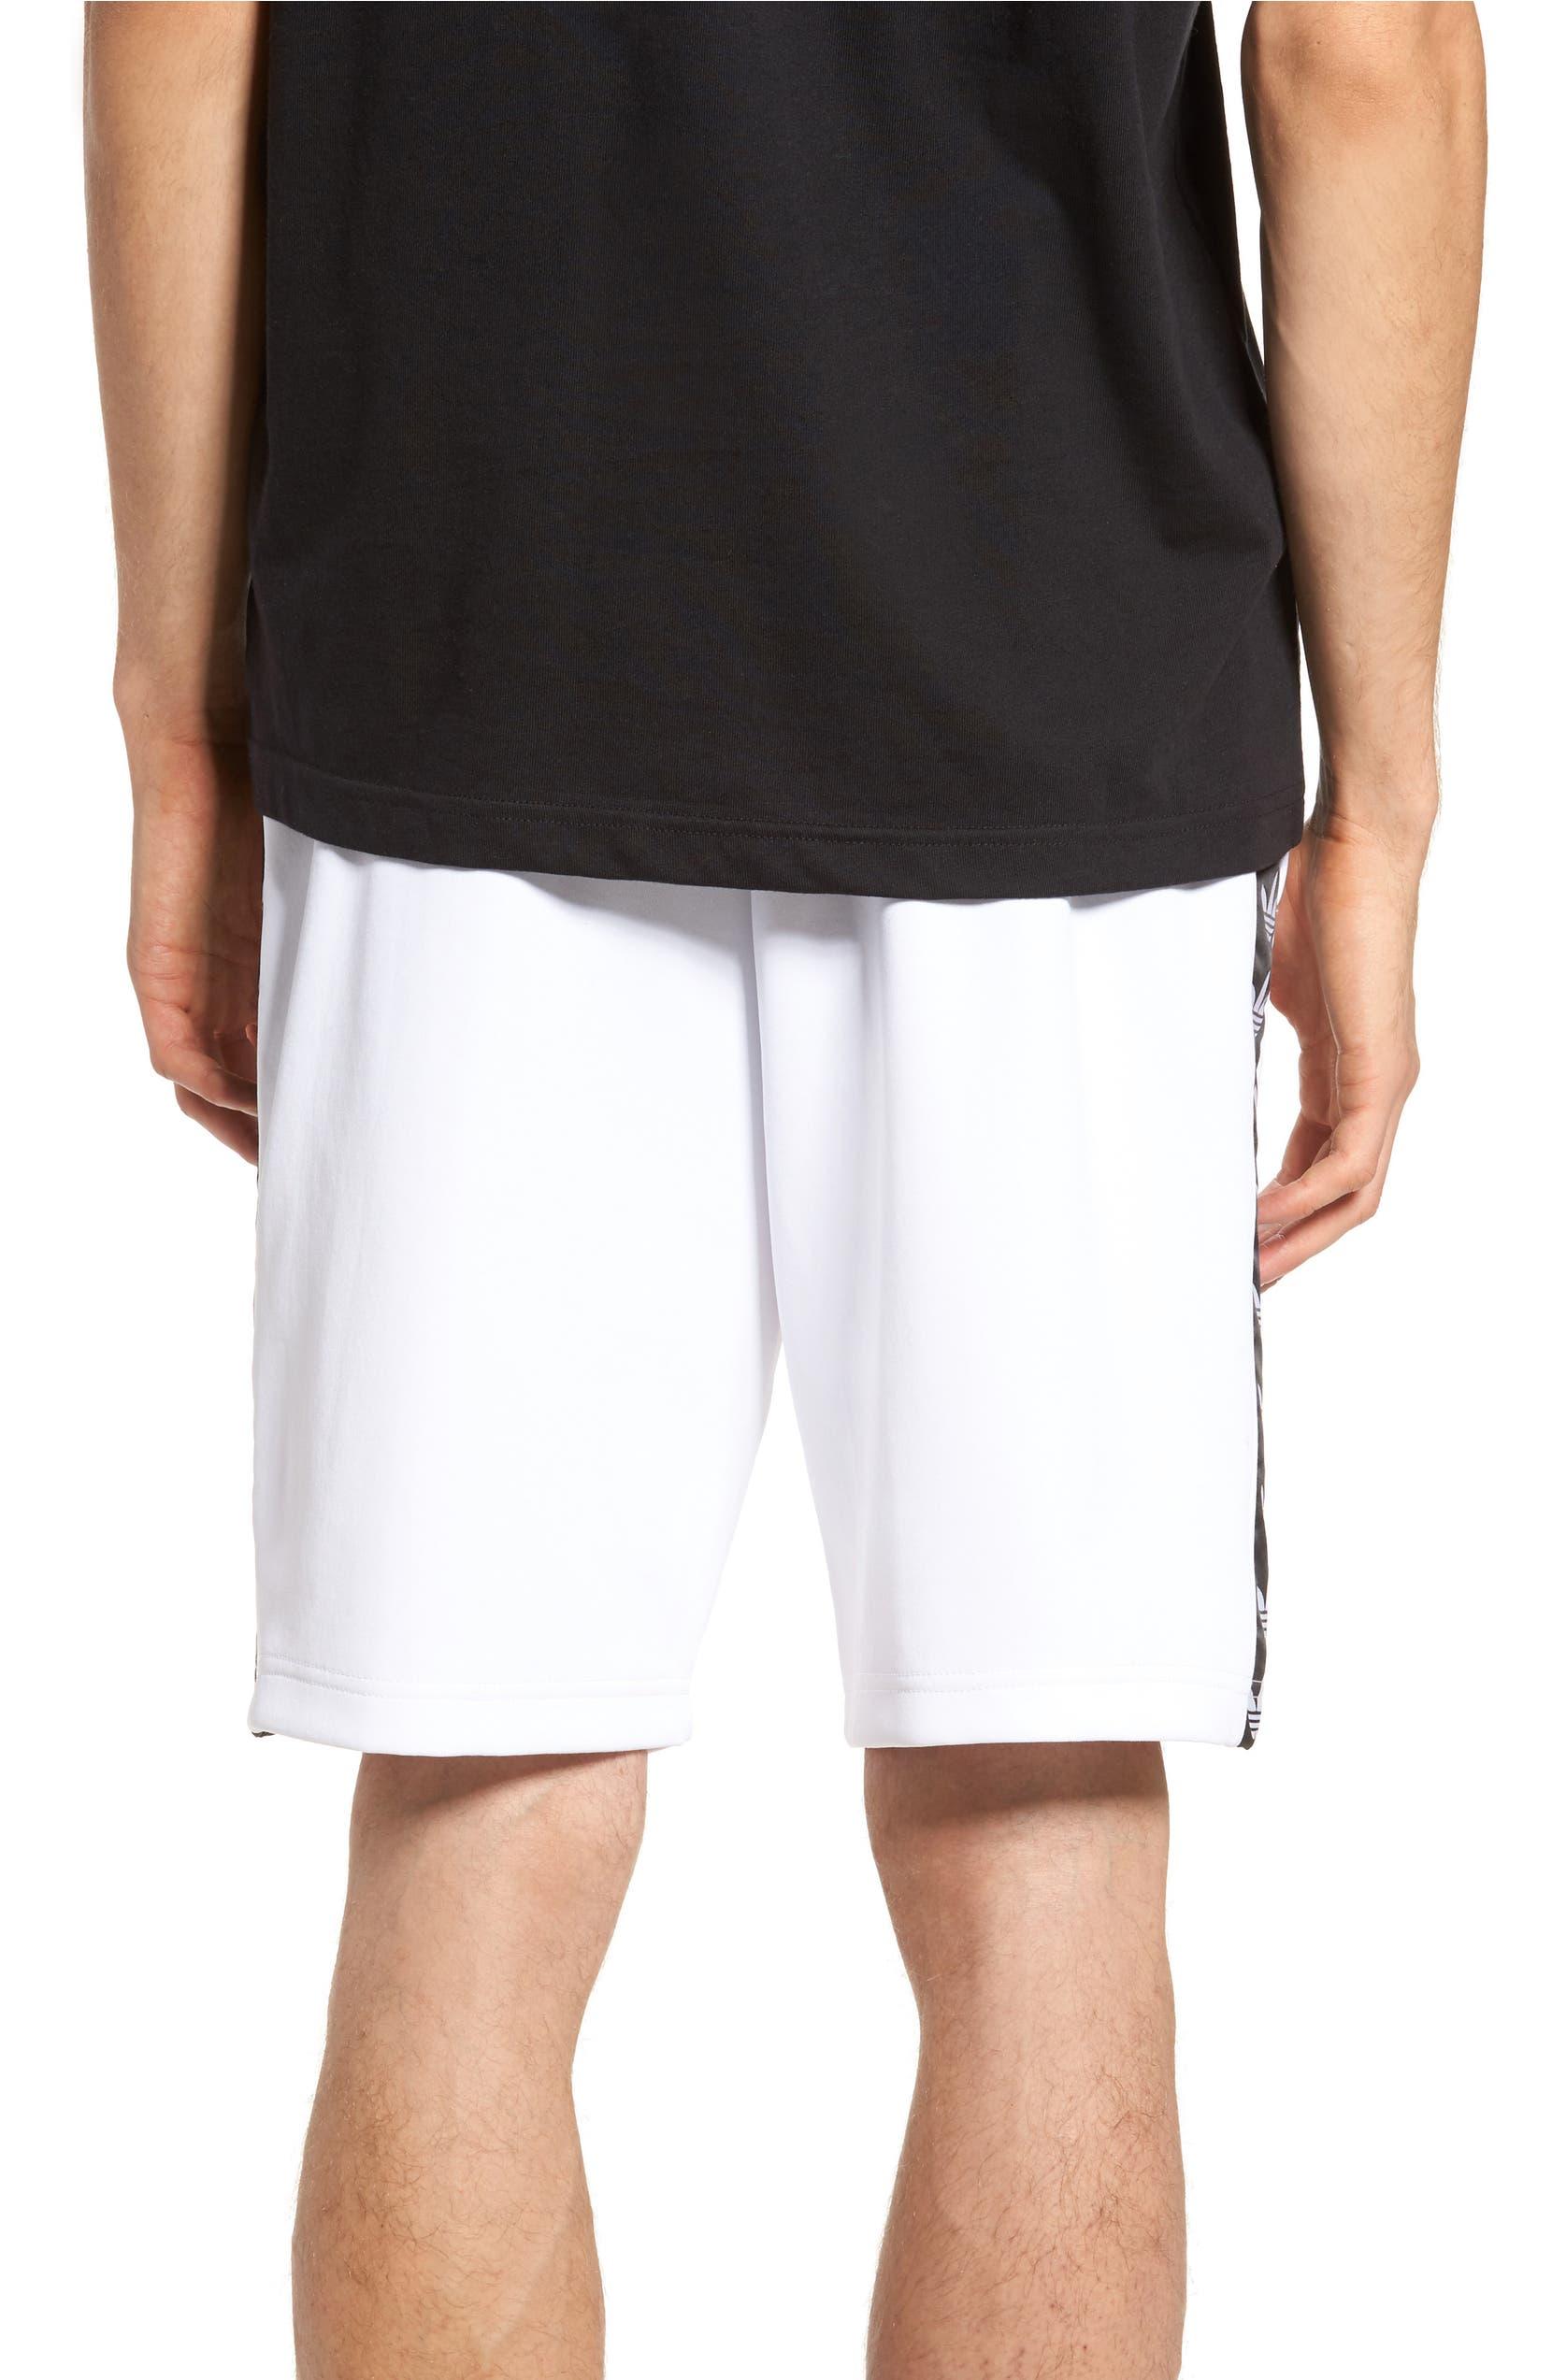 02d9ae64eea5 adidas Originals TNT Shorts